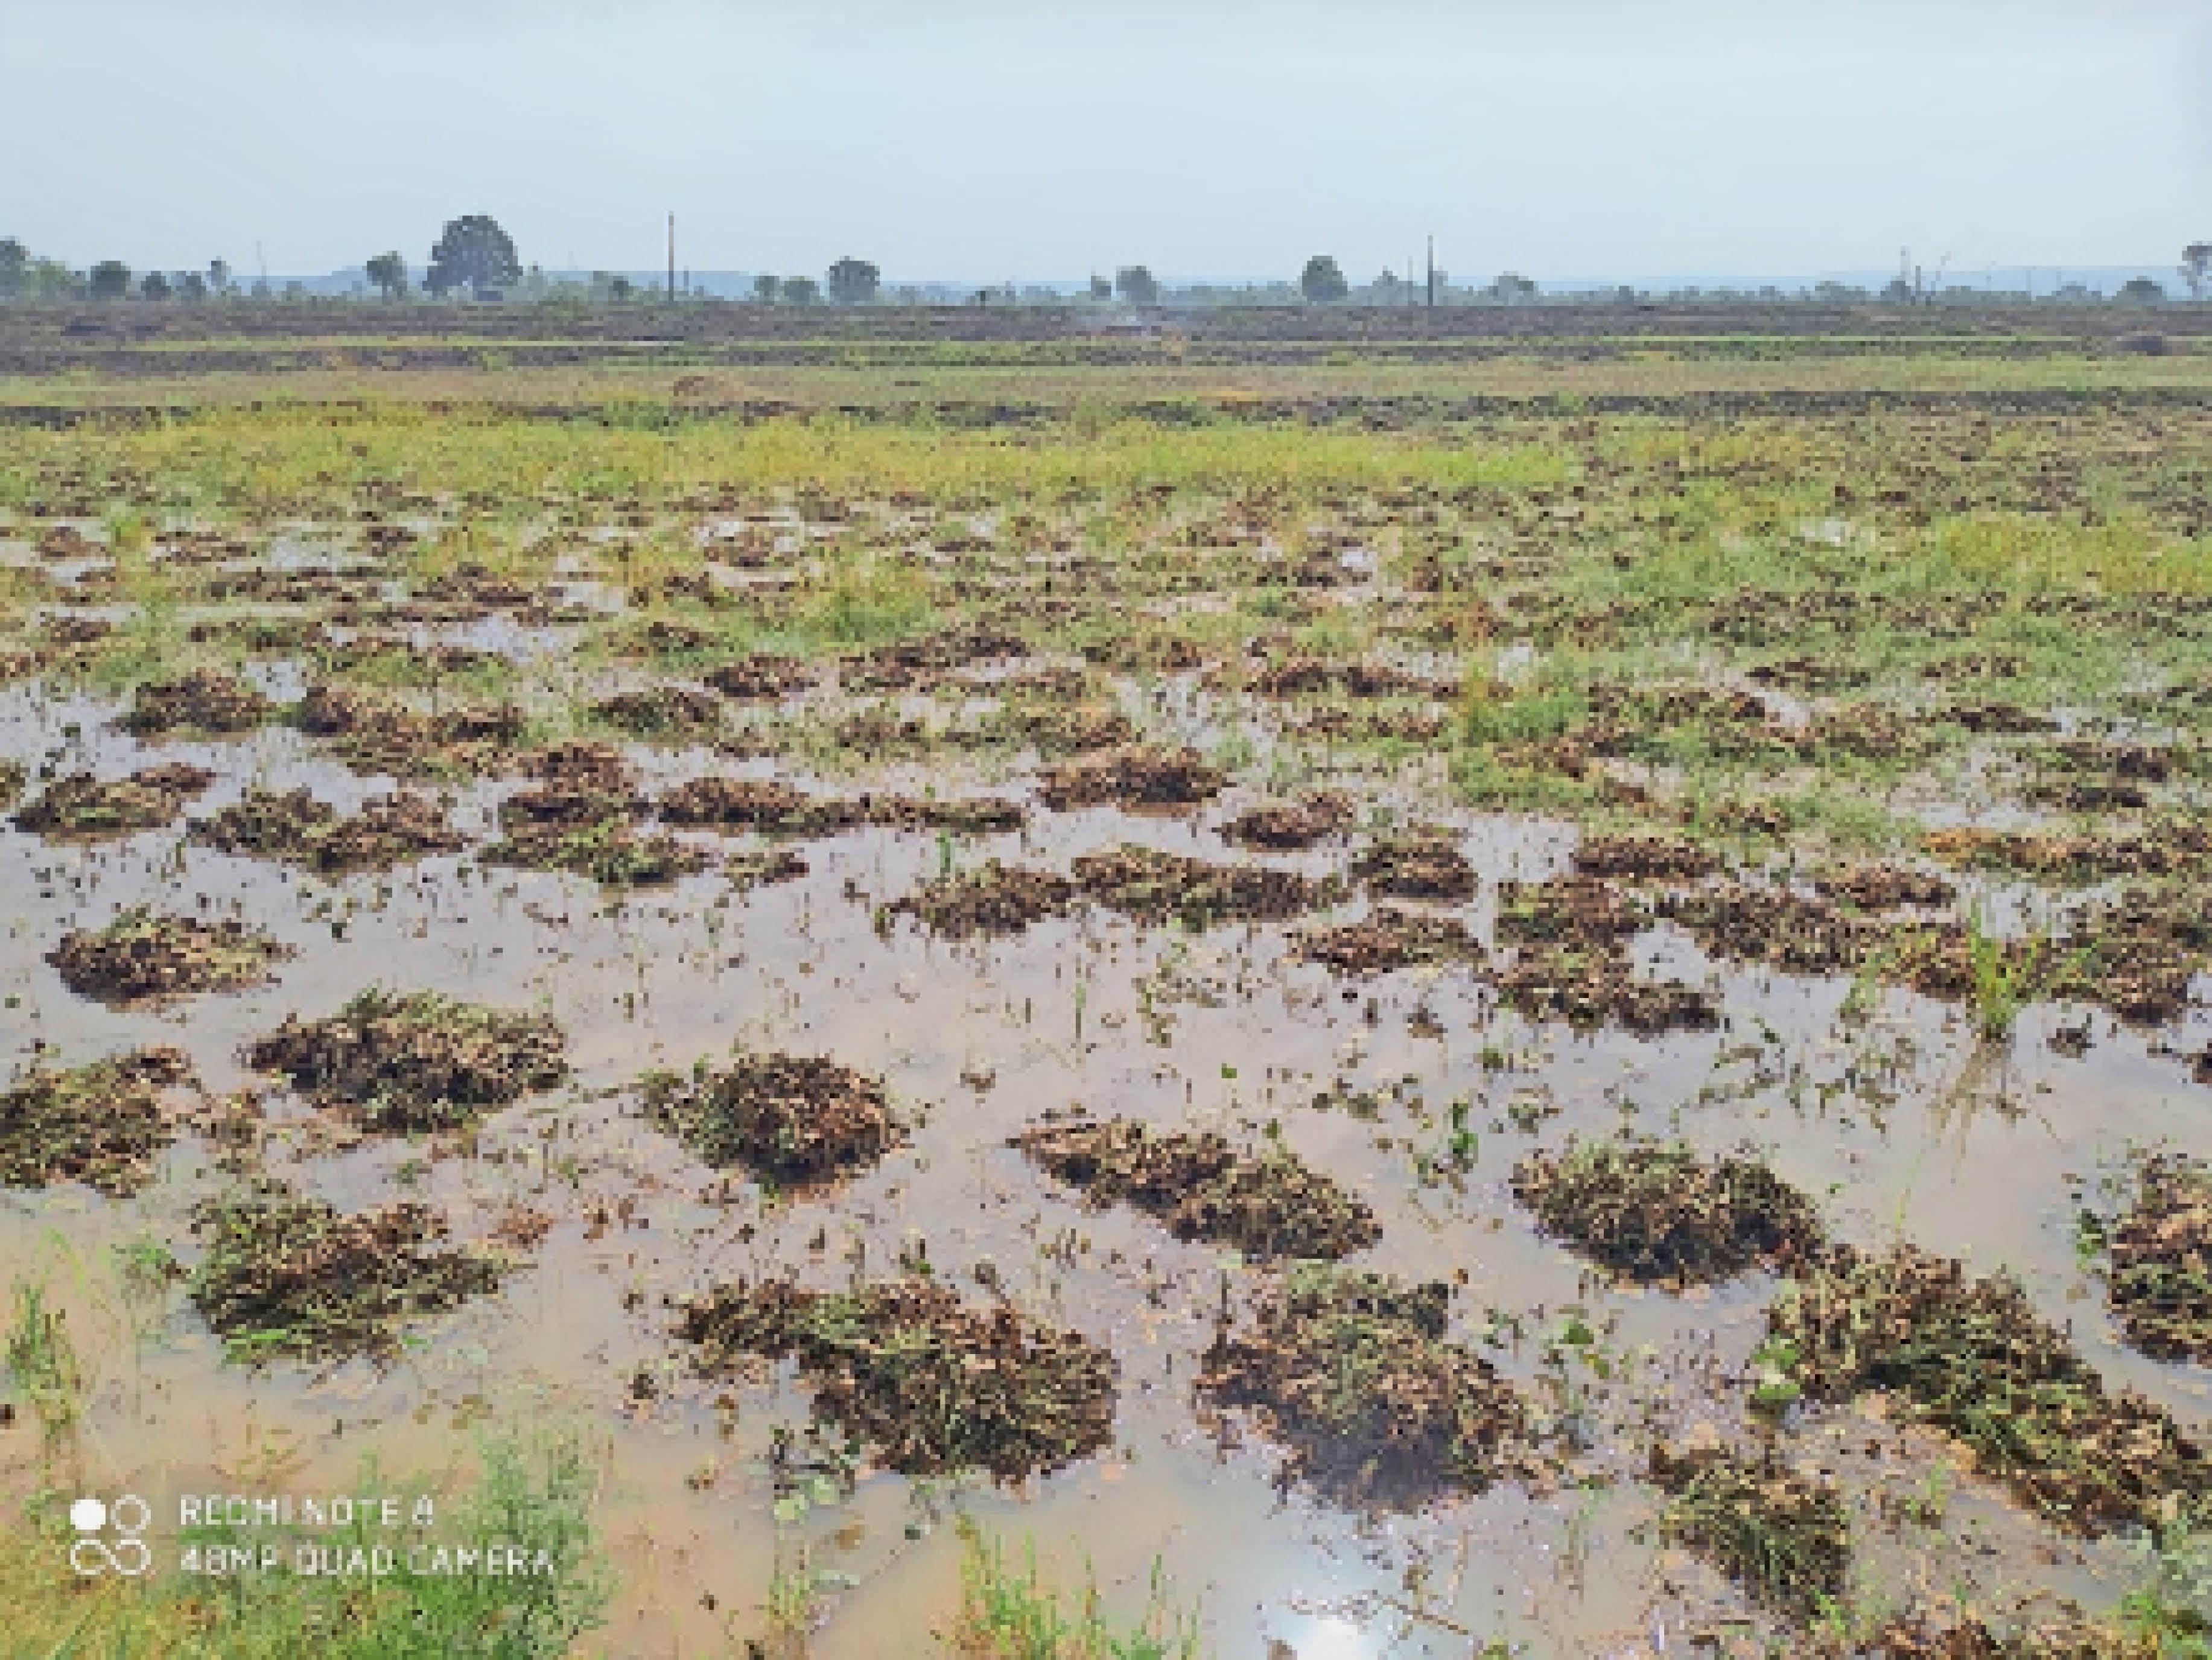 खेतों में तैरने लगी कटी हुई मूंग की फसल, 60 प्रतिशत फसल खेतों में - Dainik Bhaskar